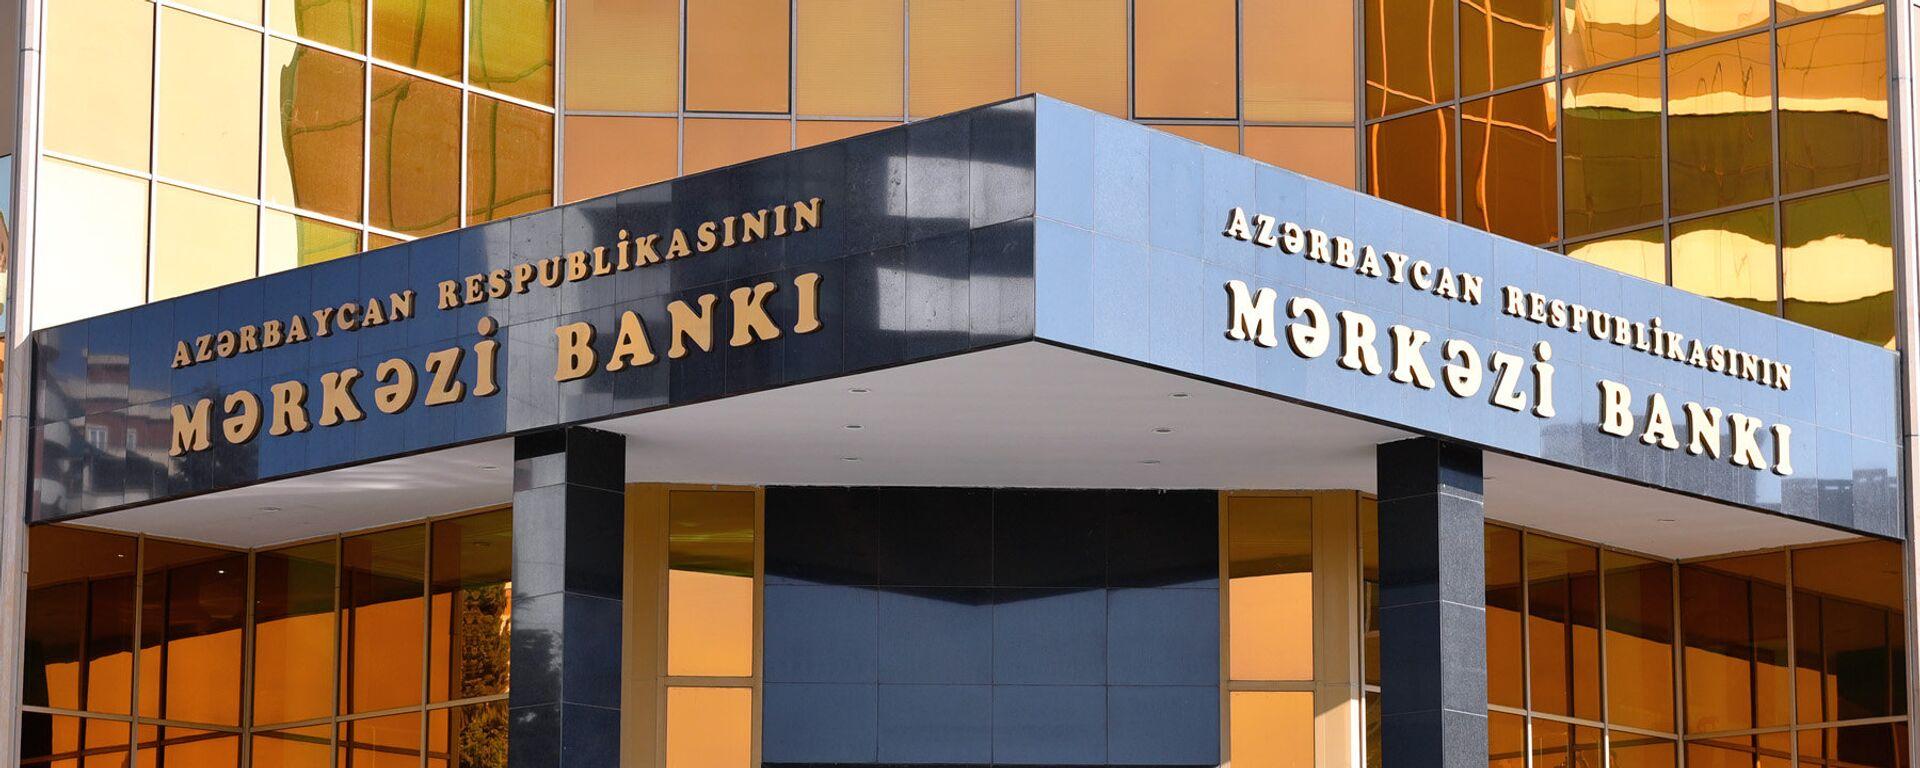 Azərbaycan Mərkəzi Bankının binası, arxiv şəkli - Sputnik Azərbaycan, 1920, 08.10.2021